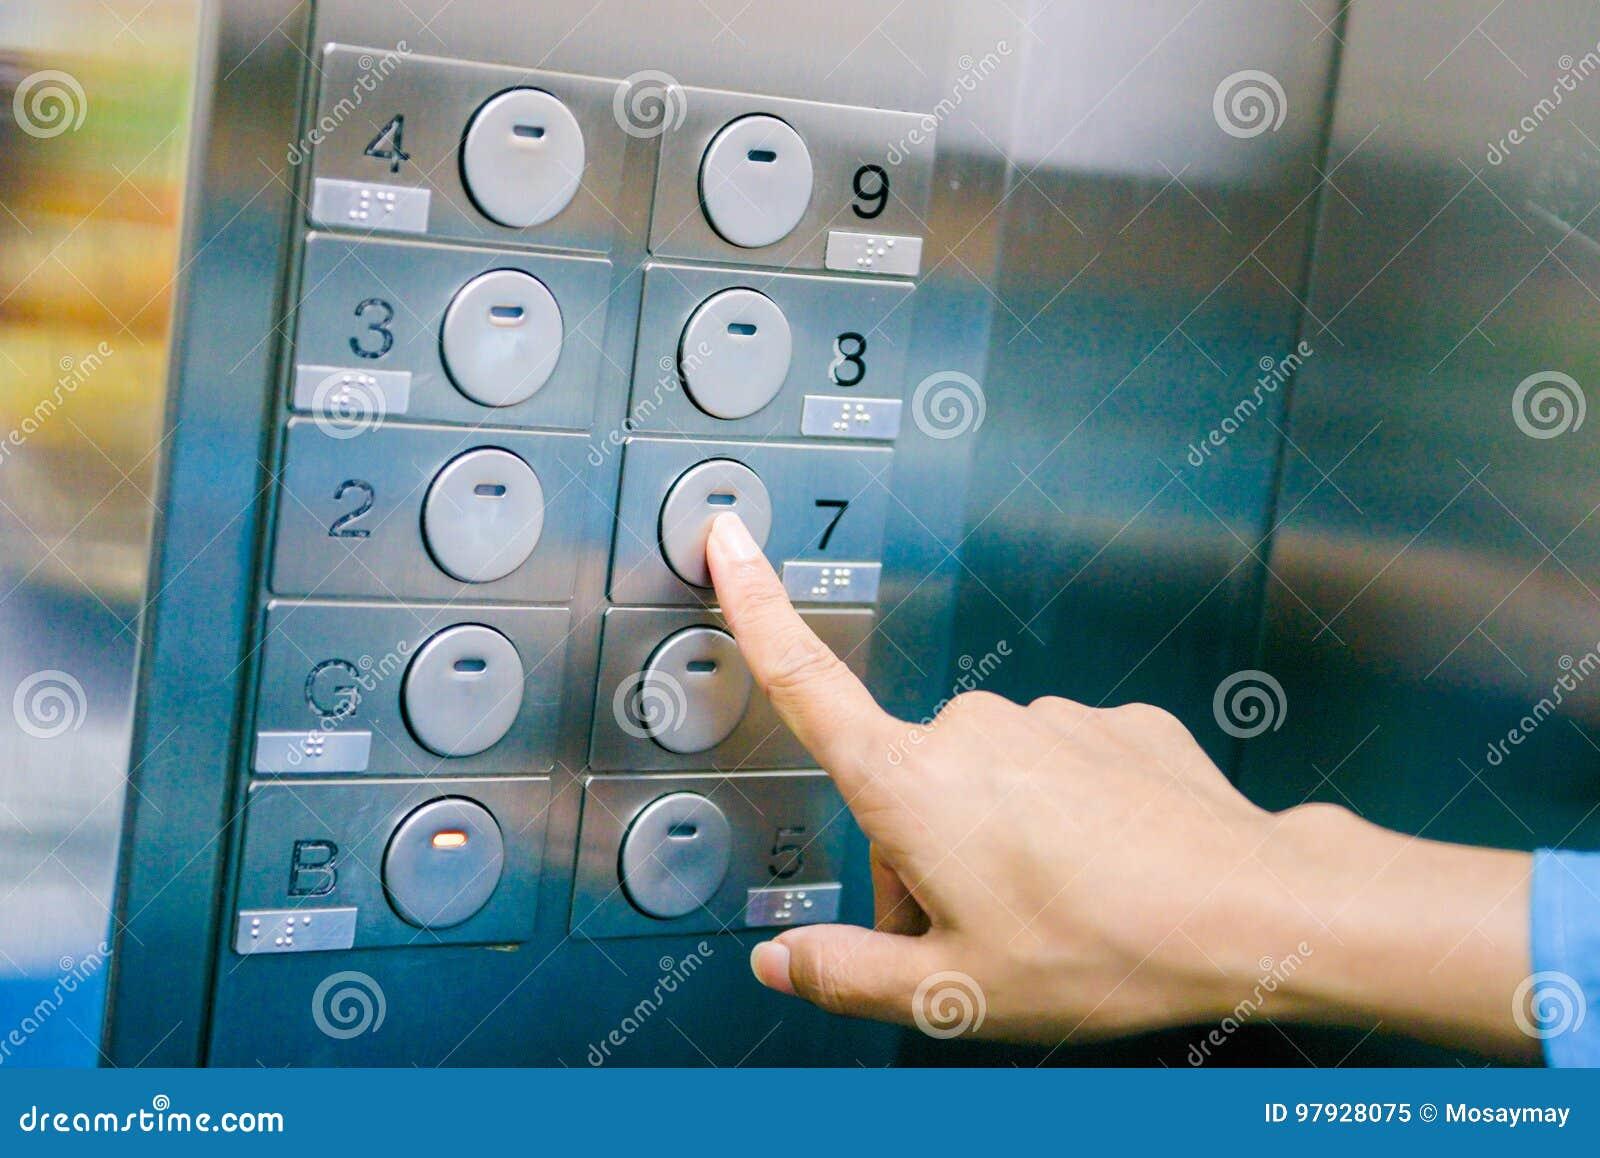 Русская зрелая женщина в лифте, мастурбация мокрой киски